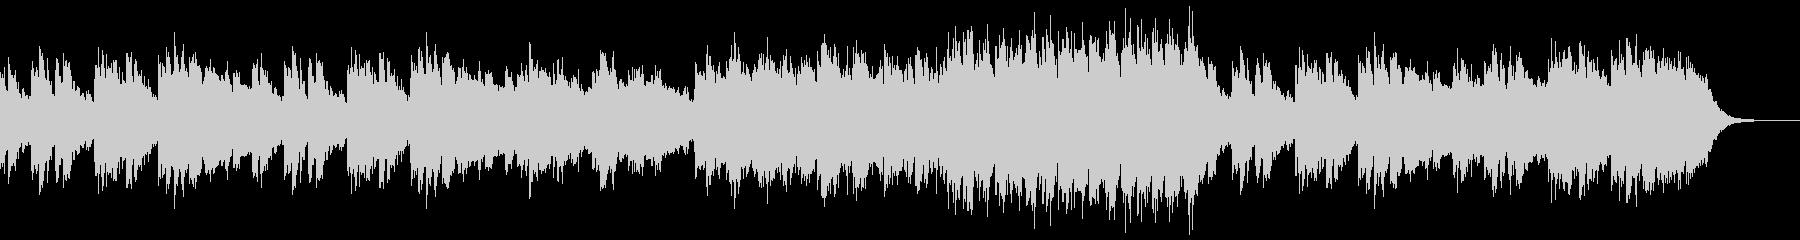 シンプルなピアノインストー疑問の未再生の波形